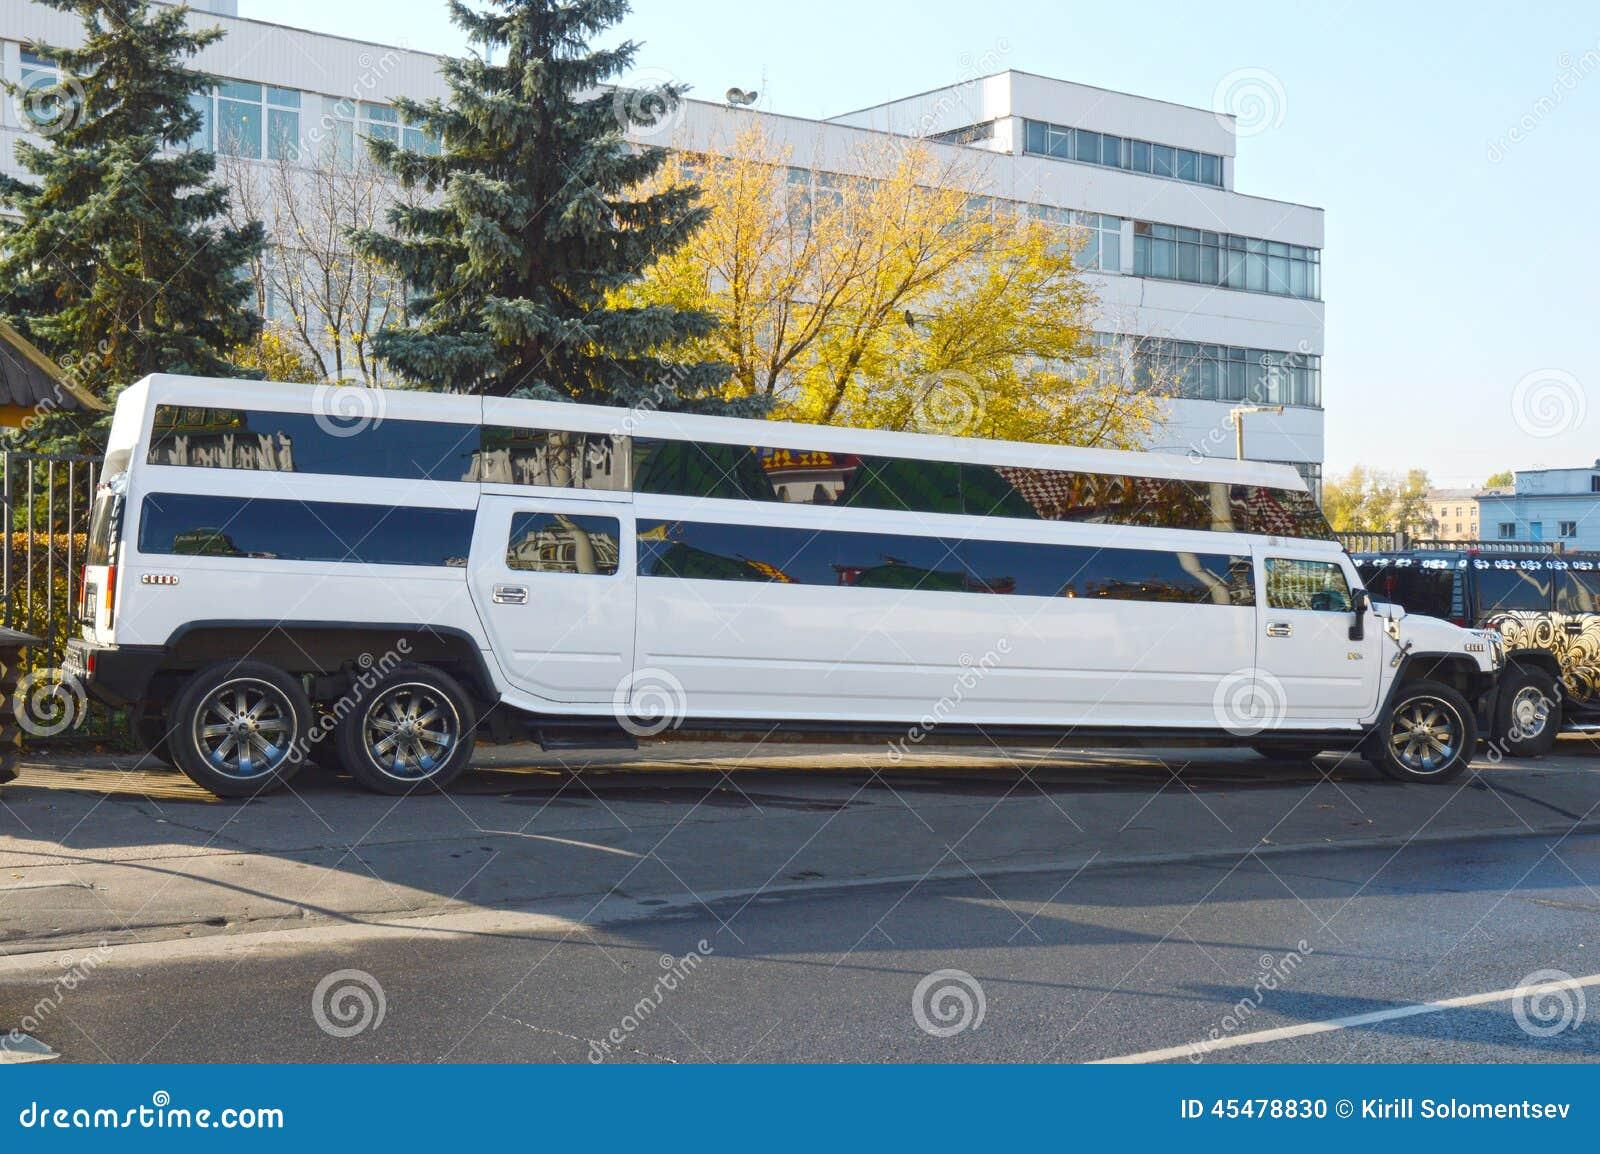 gro e wei e limousine die limousinen f r miete redaktionelles bild bild 45478830. Black Bedroom Furniture Sets. Home Design Ideas